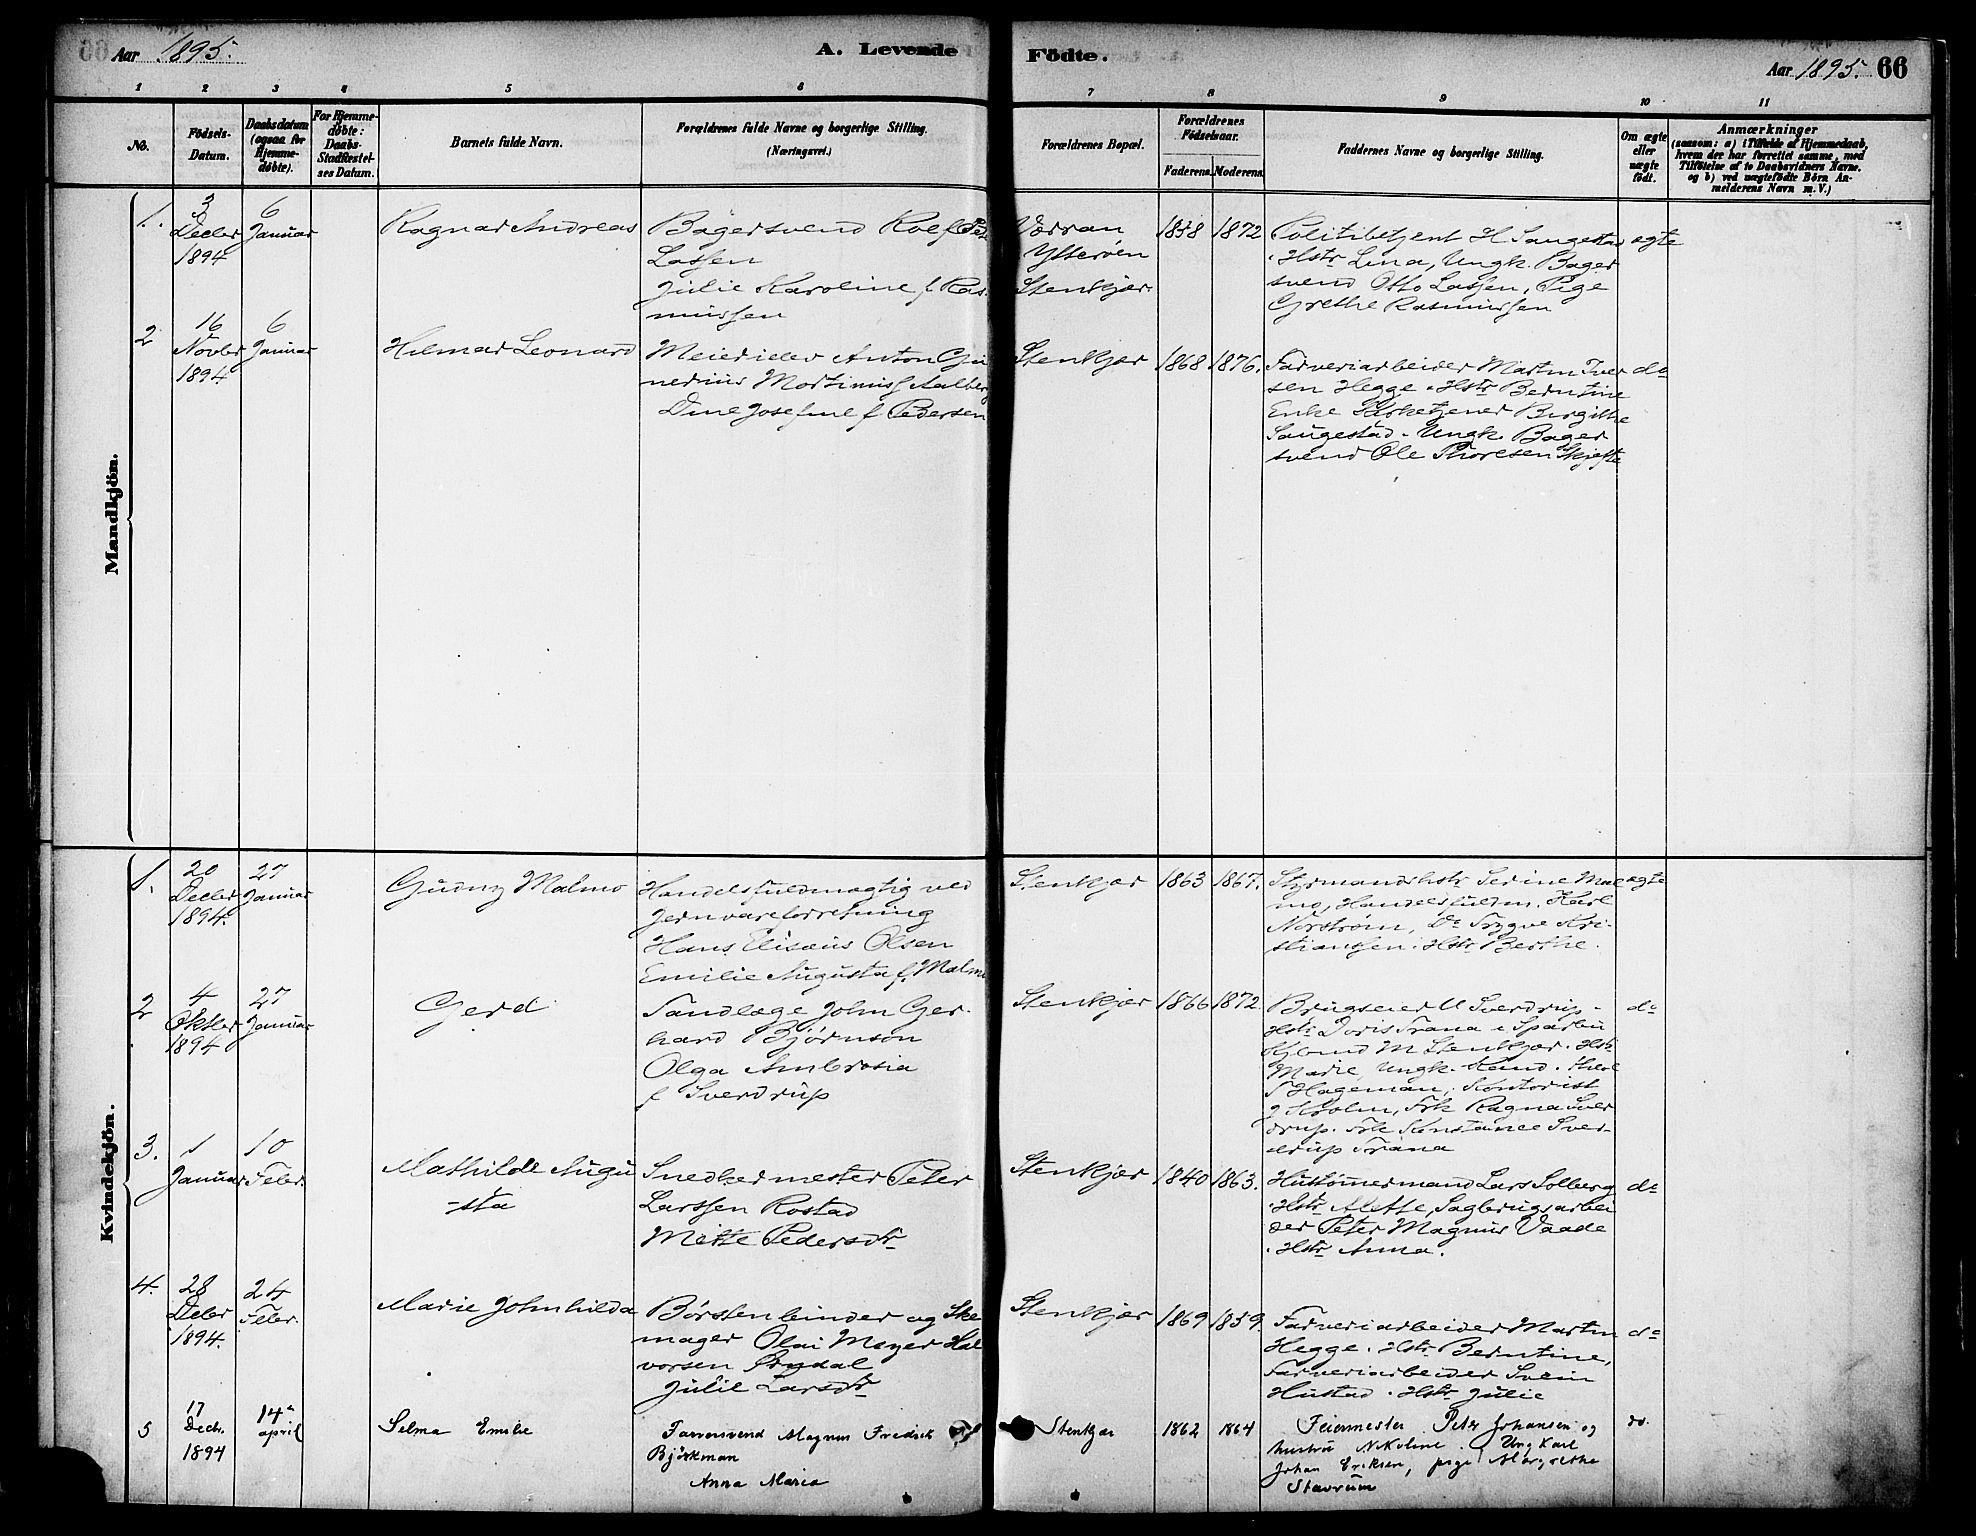 SAT, Ministerialprotokoller, klokkerbøker og fødselsregistre - Nord-Trøndelag, 739/L0371: Ministerialbok nr. 739A03, 1881-1895, s. 66